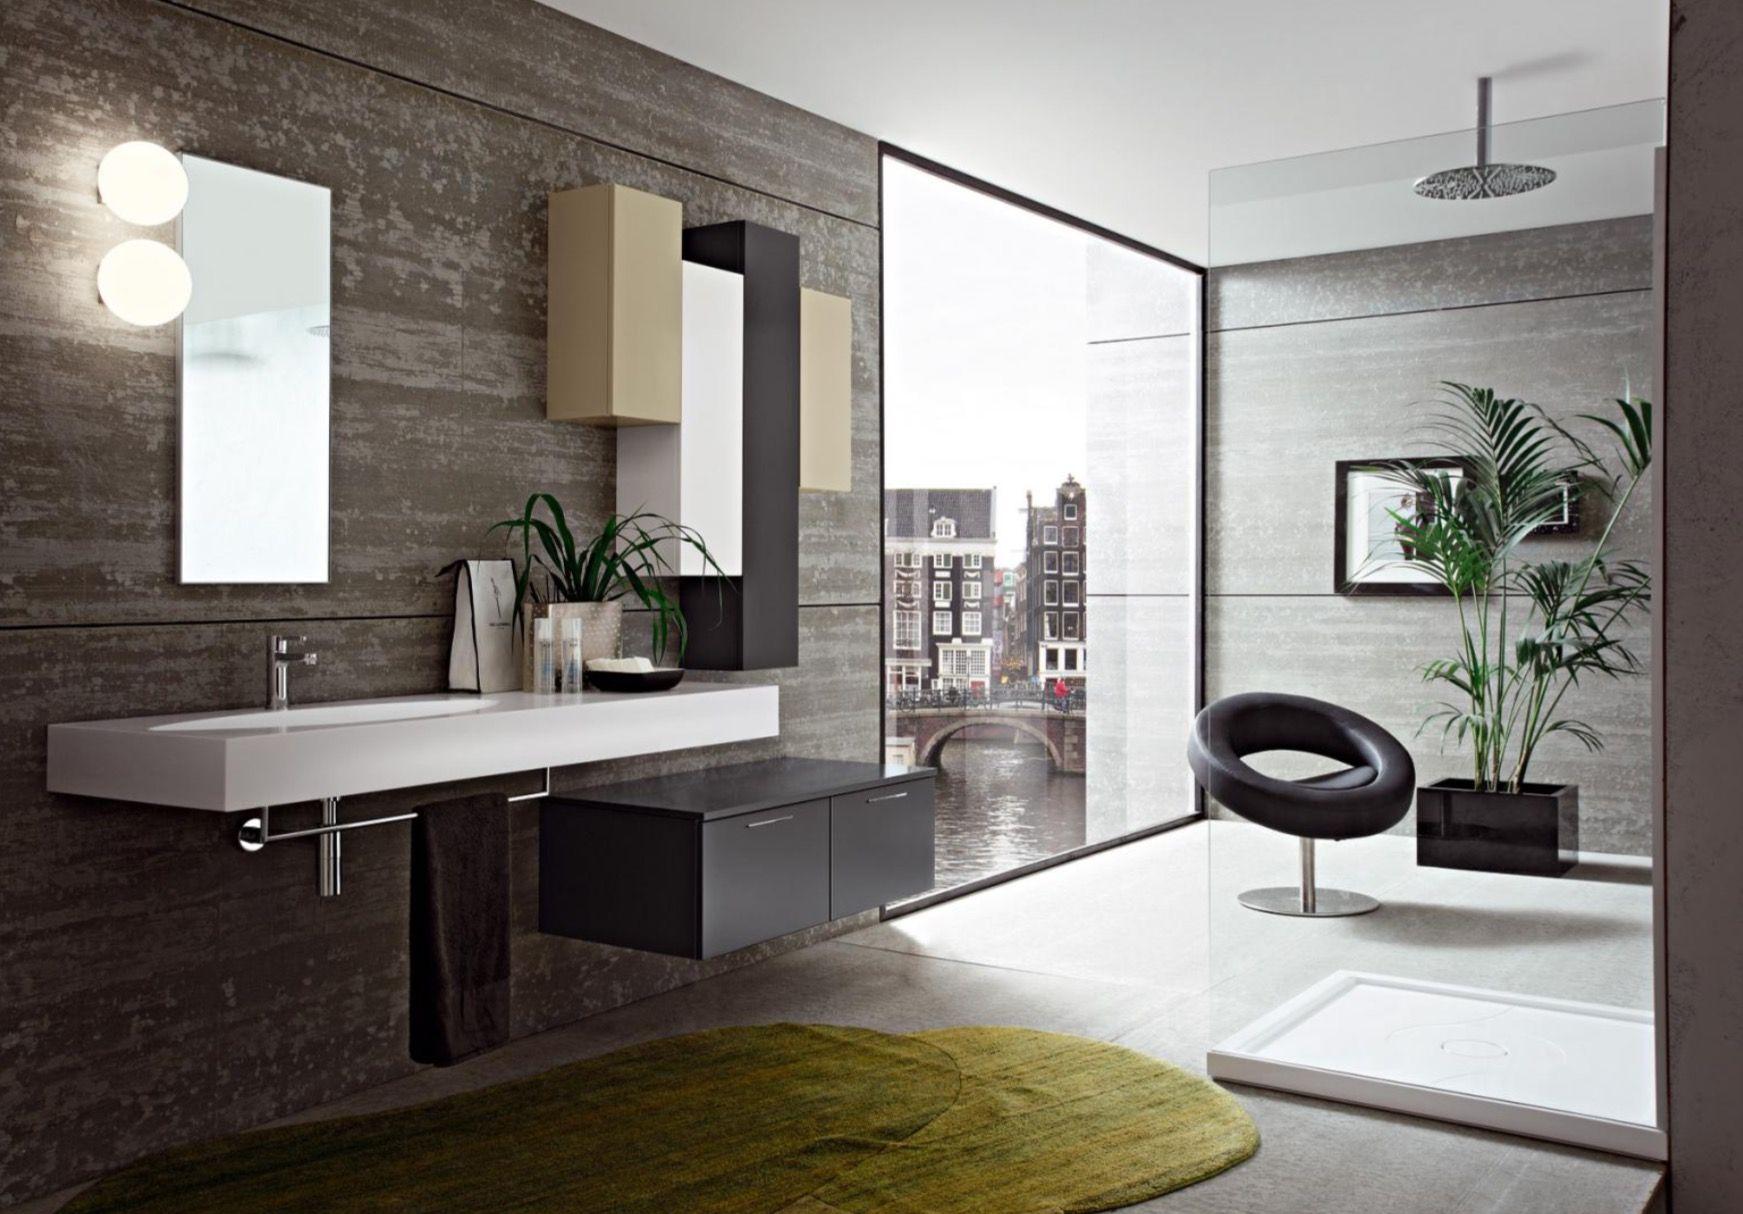 Bagno Stile Minimalista : Accessori bagno dolomite prezzi sorprendente stile minimalista del